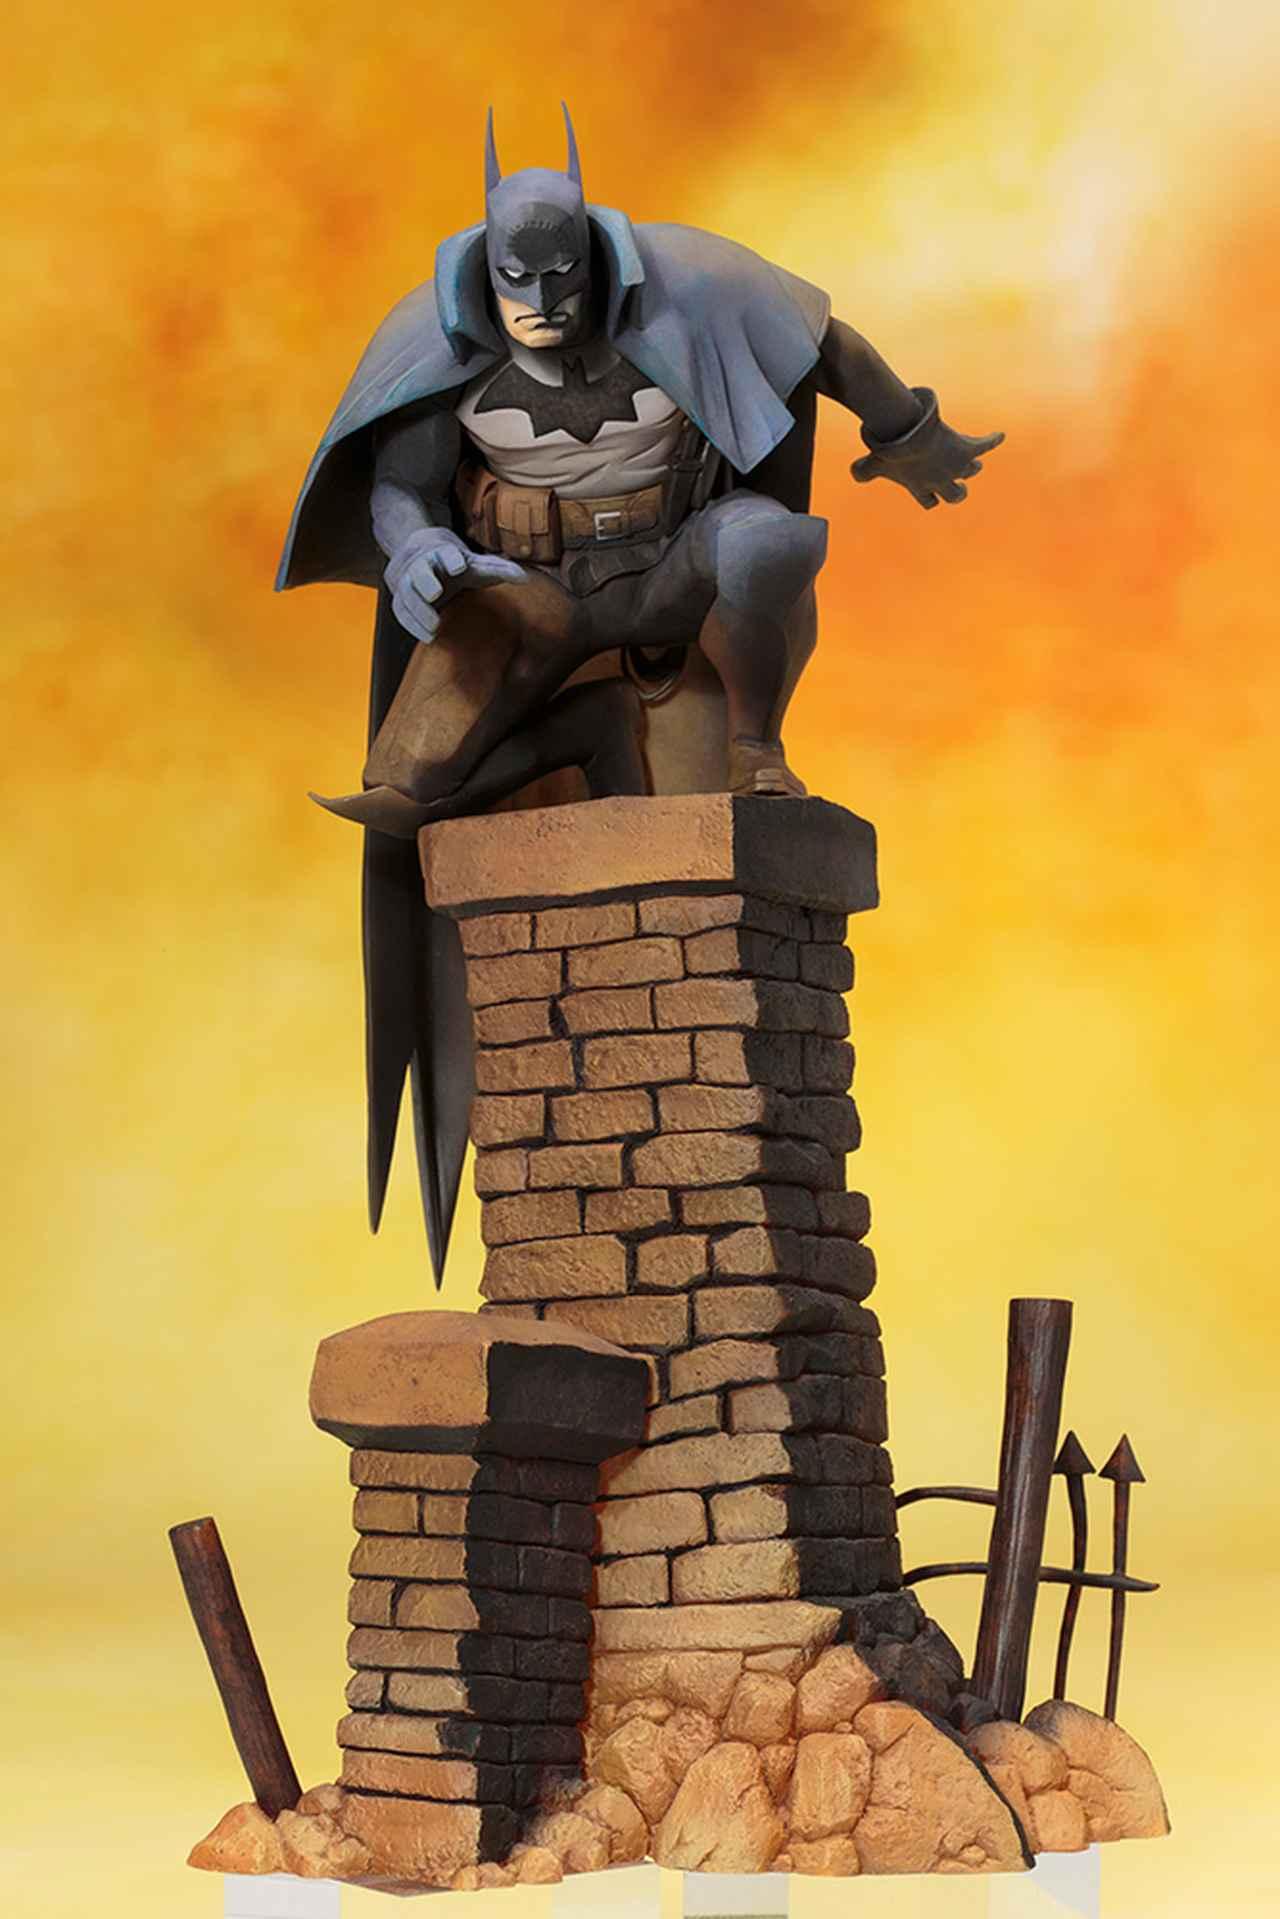 画像1: 光と陰を強調した美麗彩色によるバットマンのスタチューが高品質とリーズナブルな価格で登場!